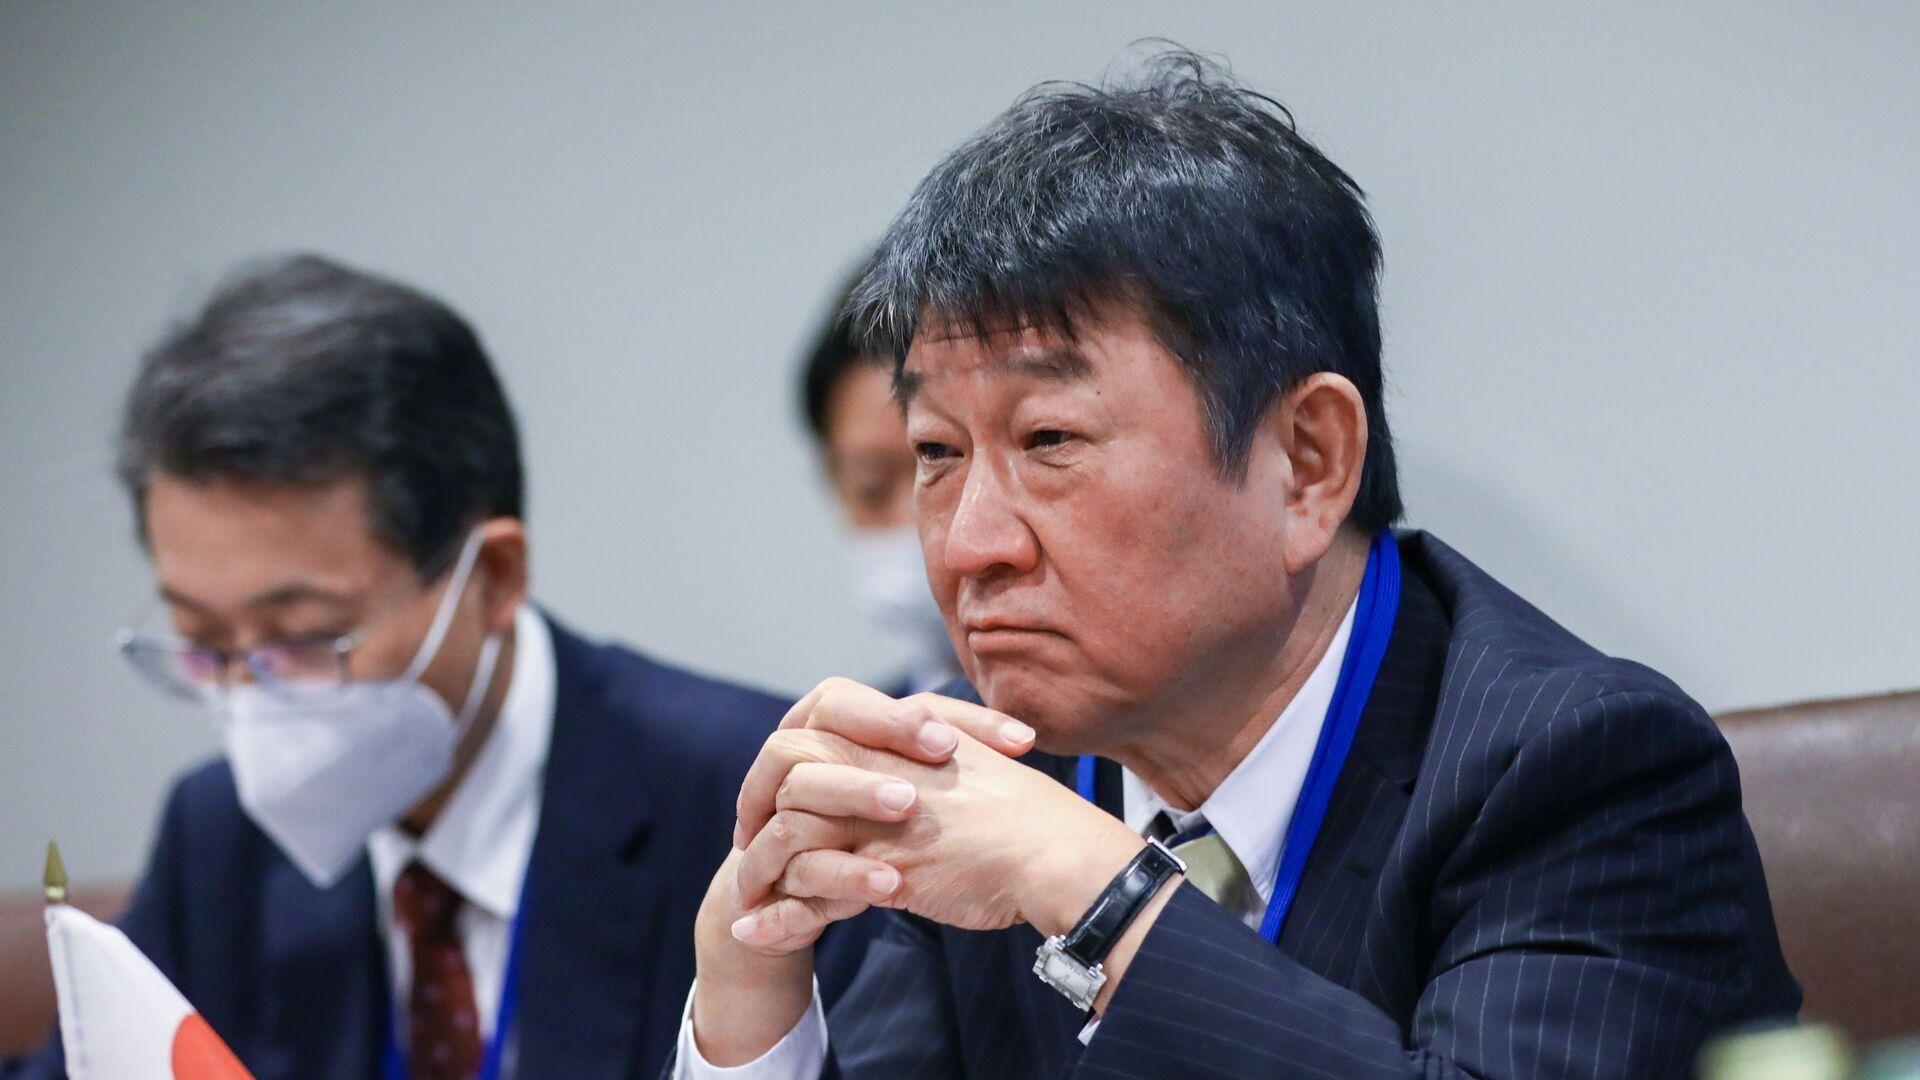 Ngoại trưởng Nhật Bản Toshimitsu Motegi trong cuộc gặp với Ngoại trưởng Nga Sergei Lavrov bên lề khóa họp thứ 76 của Đại hội đồng LHQ tại New York - Sputnik Việt Nam, 1920, 24.09.2021